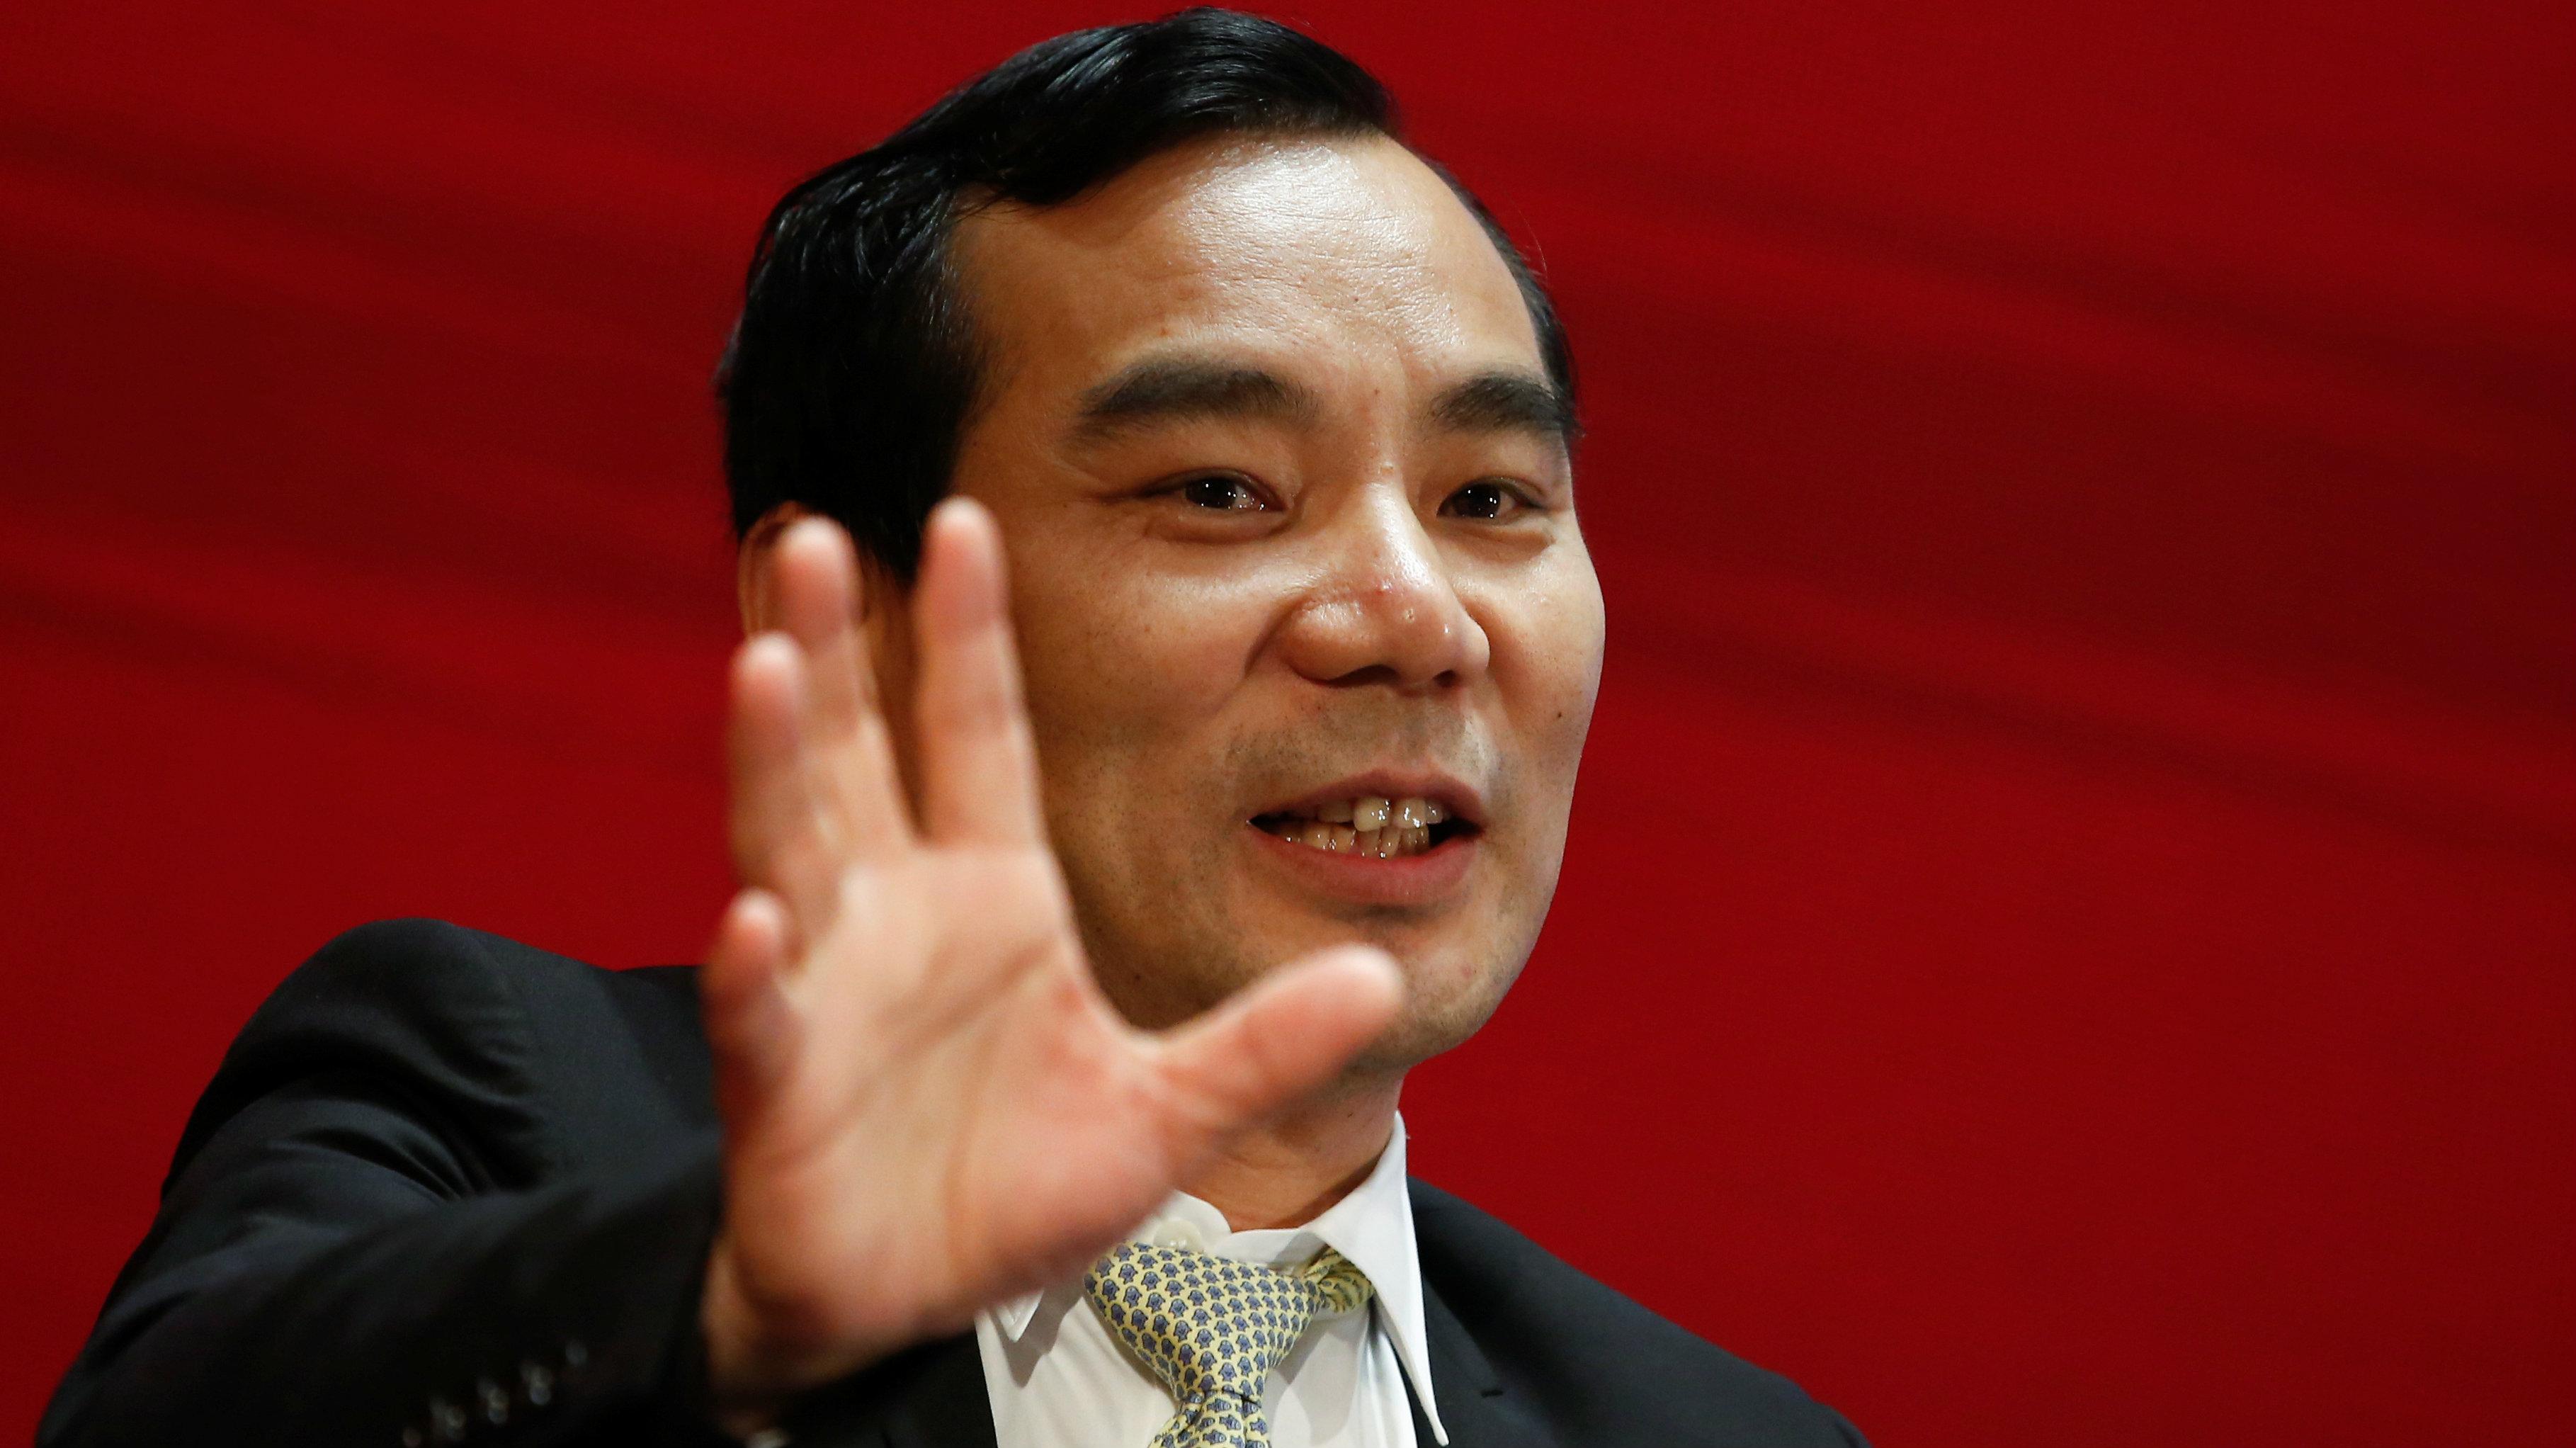 Chairman of Anbang Insurance Group Wu Xiaohui attends the China Development Forum in Beijing, China